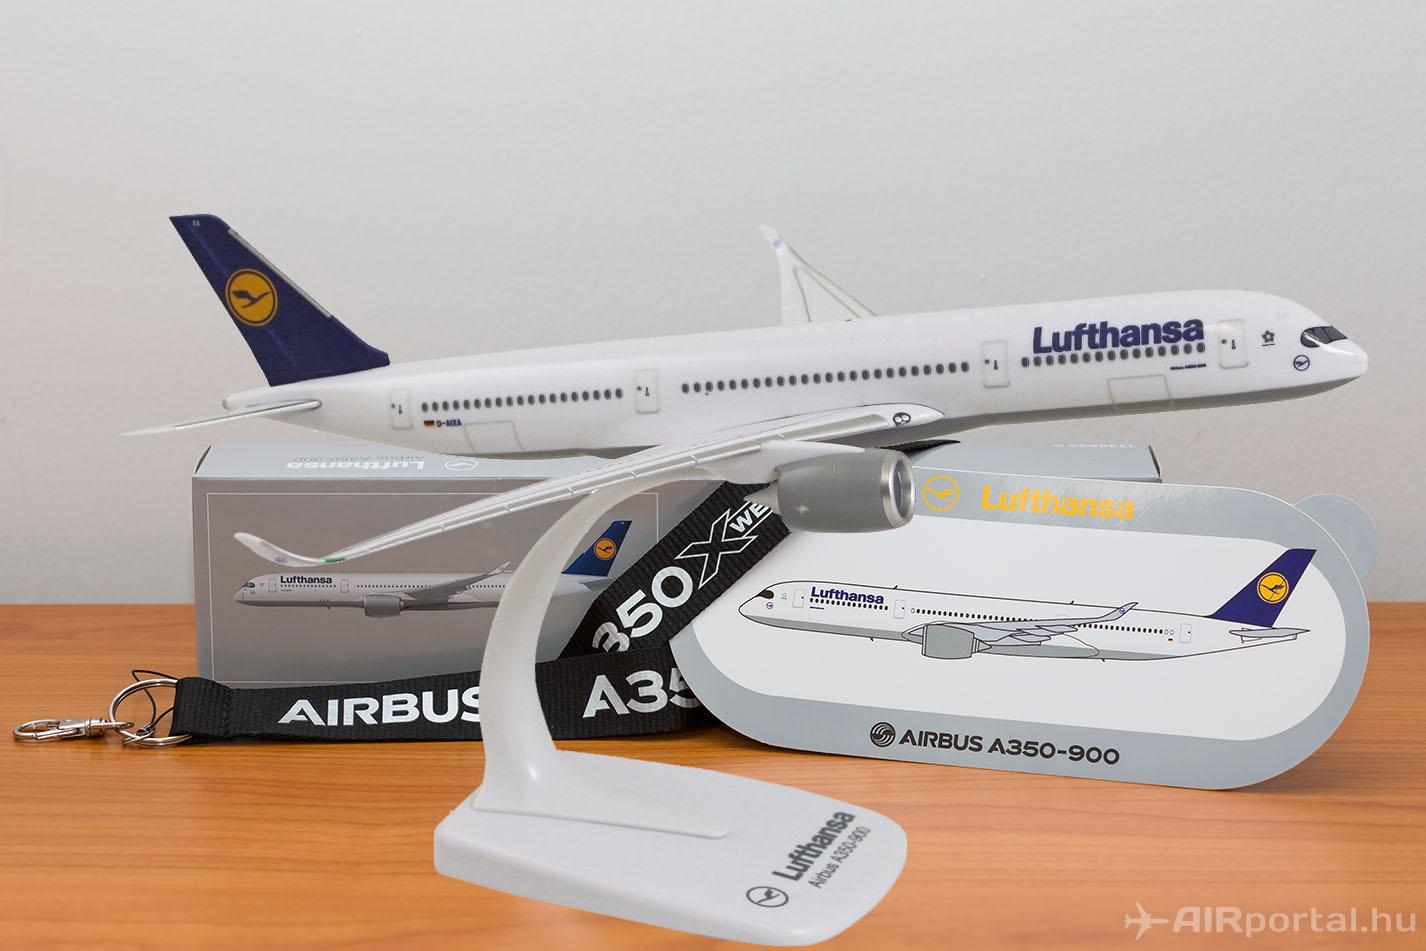 A nyeremény a képen szereplő modellel megegyező modell eredeti csomagolásban, Airbus A350 XWB nyakpánttal és matricával. (Fotó: AIRportal.hu) | © AIRportal.hu